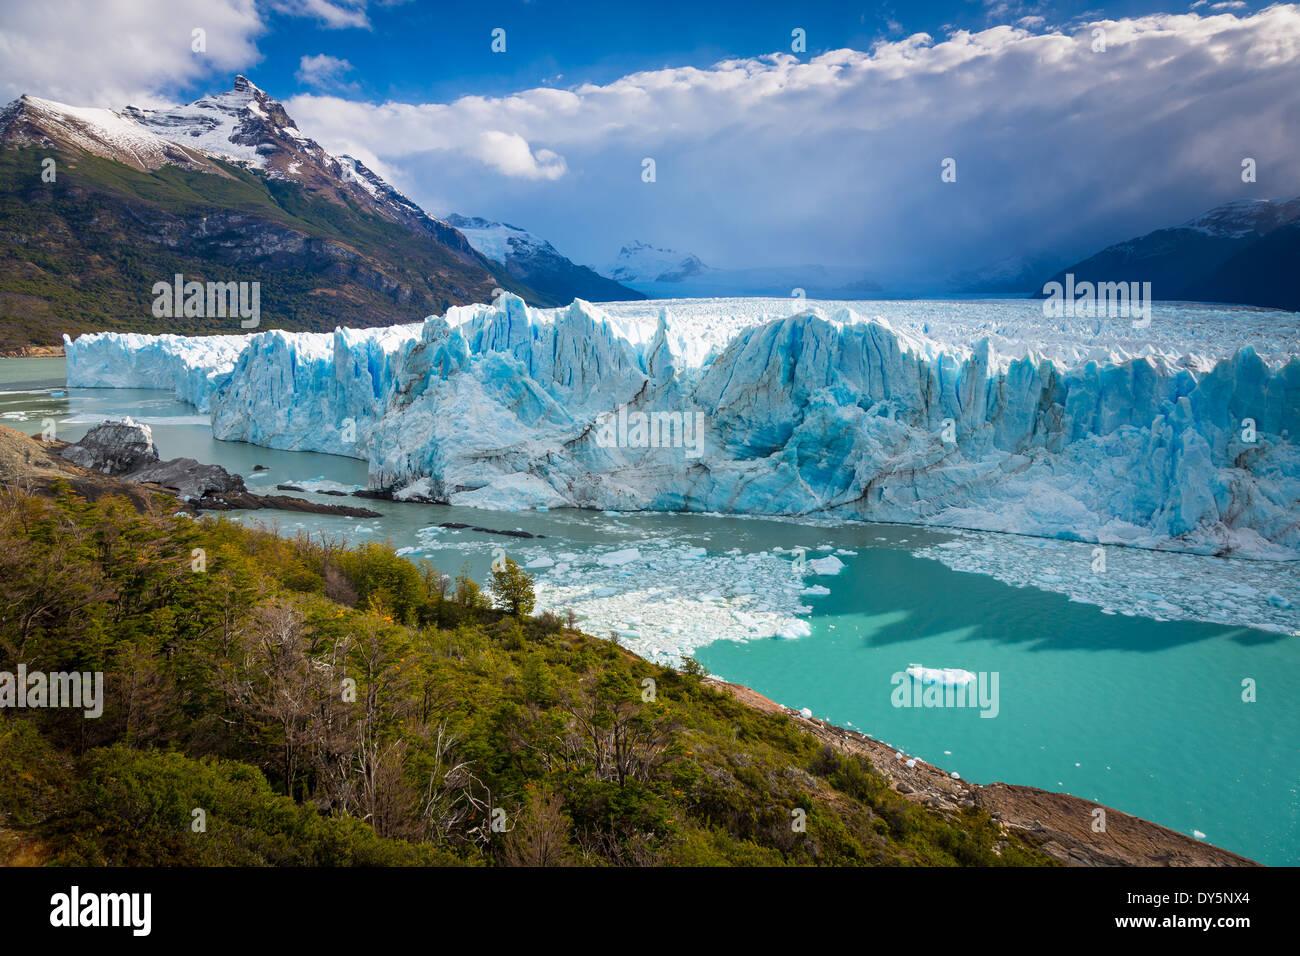 Il Ghiacciaio Perito Moreno è un ghiacciaio situato nel parco nazionale Los Glaciares nel sud-ovest di Santa Cruz provincia, Argentina. Immagini Stock